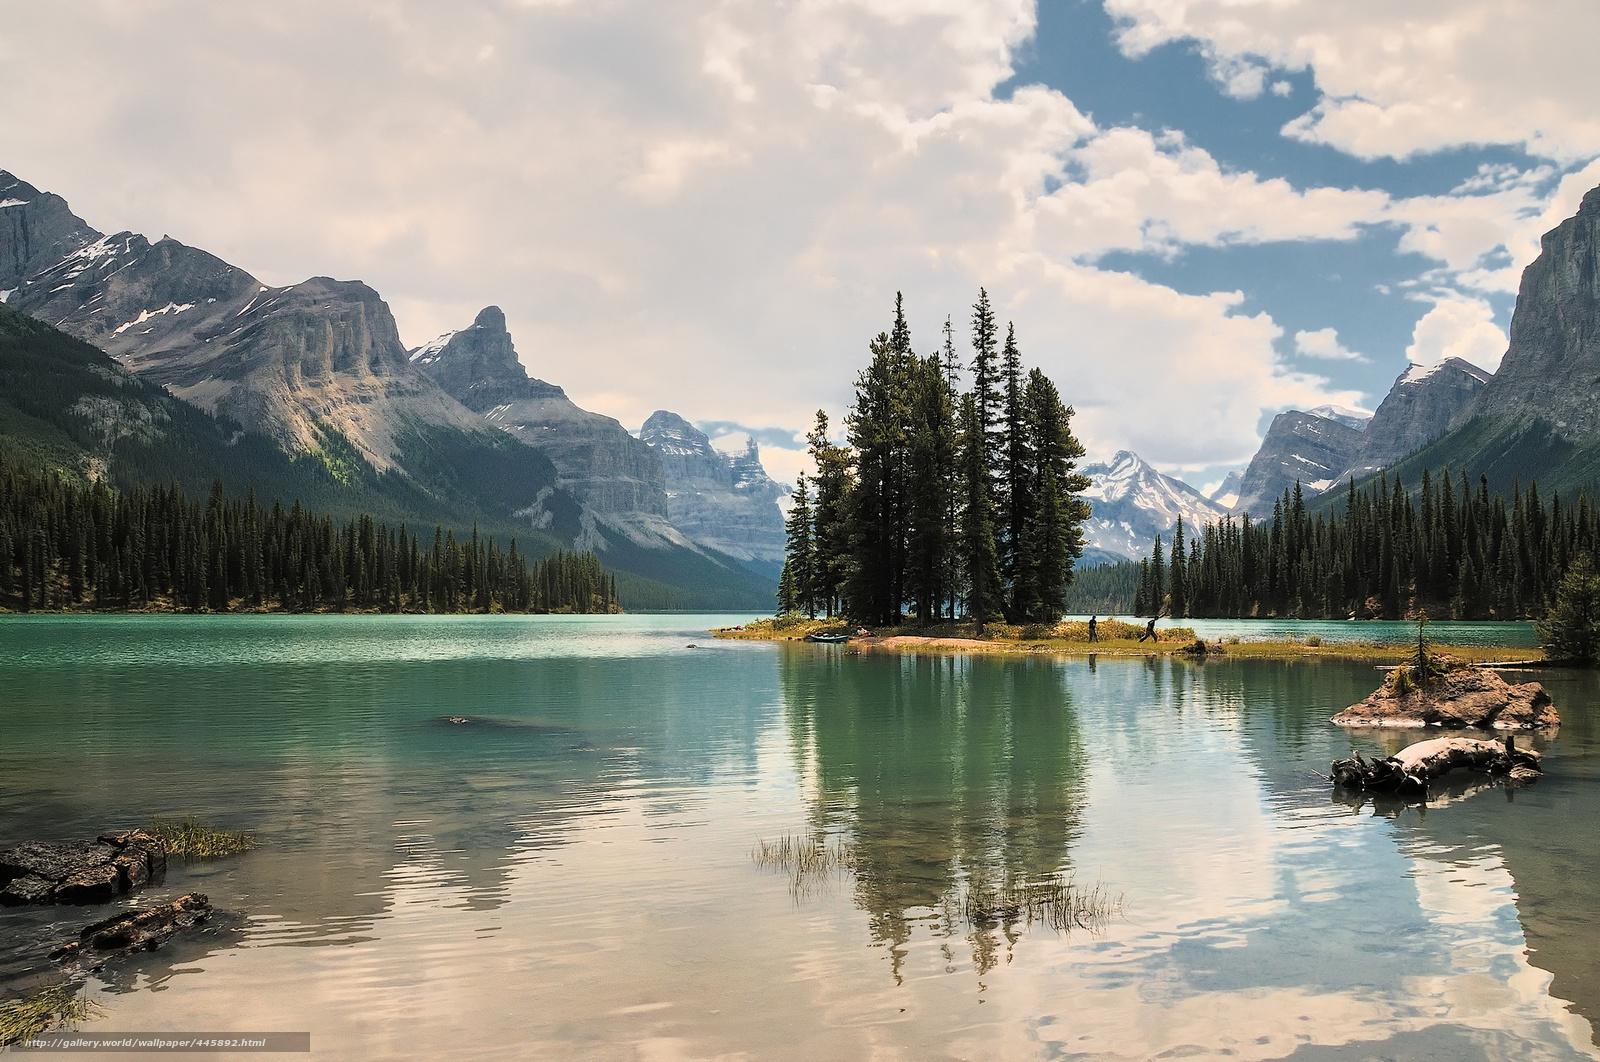 Скачать обои jasper national park,  canada,  maligne lake,  Национальный парк Джаспер бесплатно для рабочего стола в разрешении 2048x1359 — картинка №445892